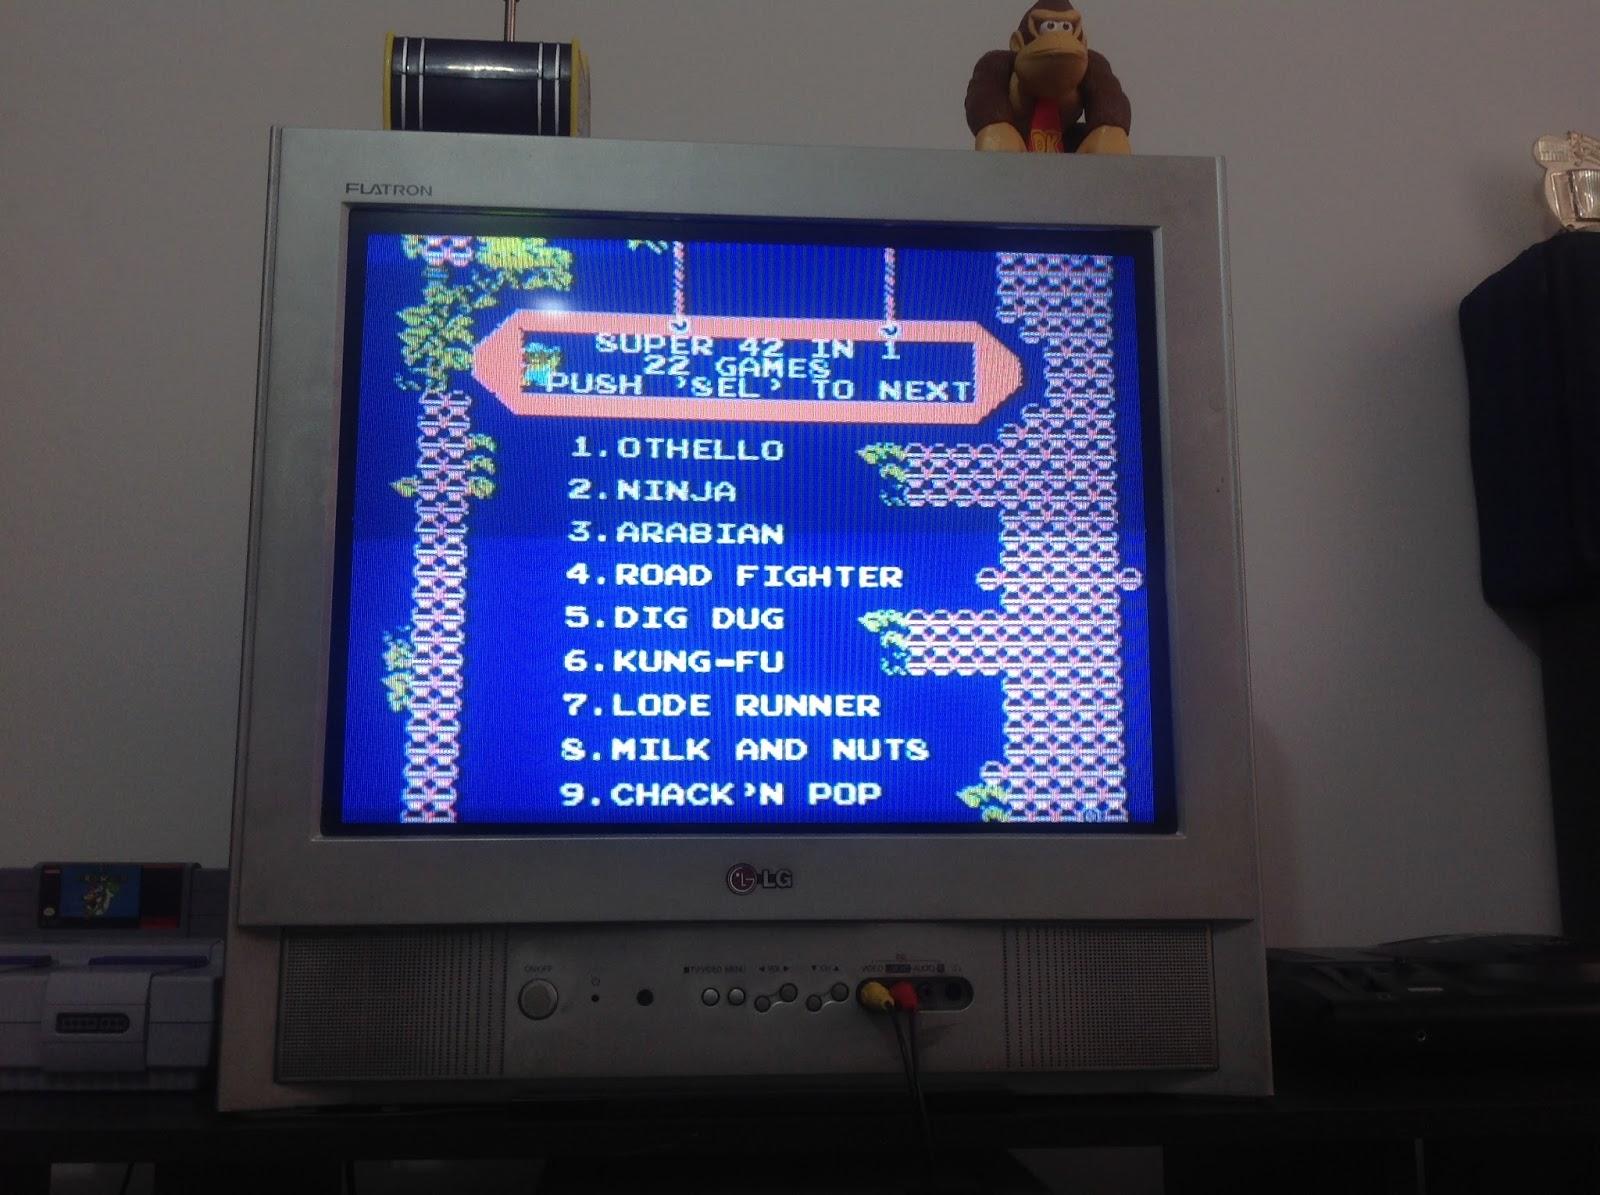 Mi Primera Consola La Family Game Con 42 Juegos En 1 Los Juegos